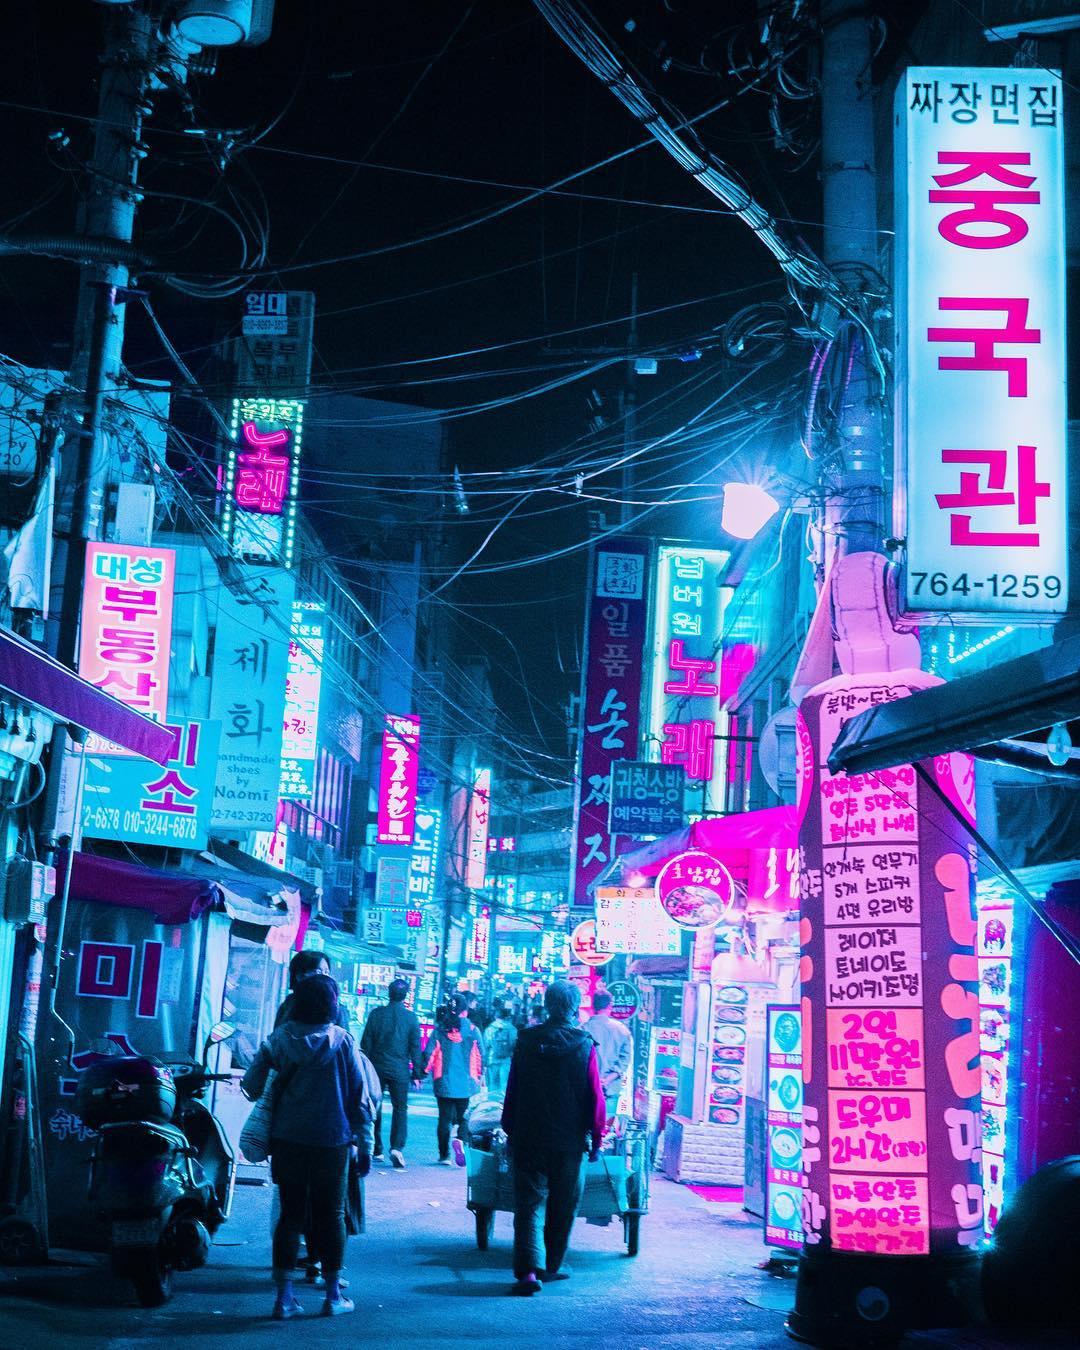 Фантастические неоновые уличные фотографии от Стива Рое